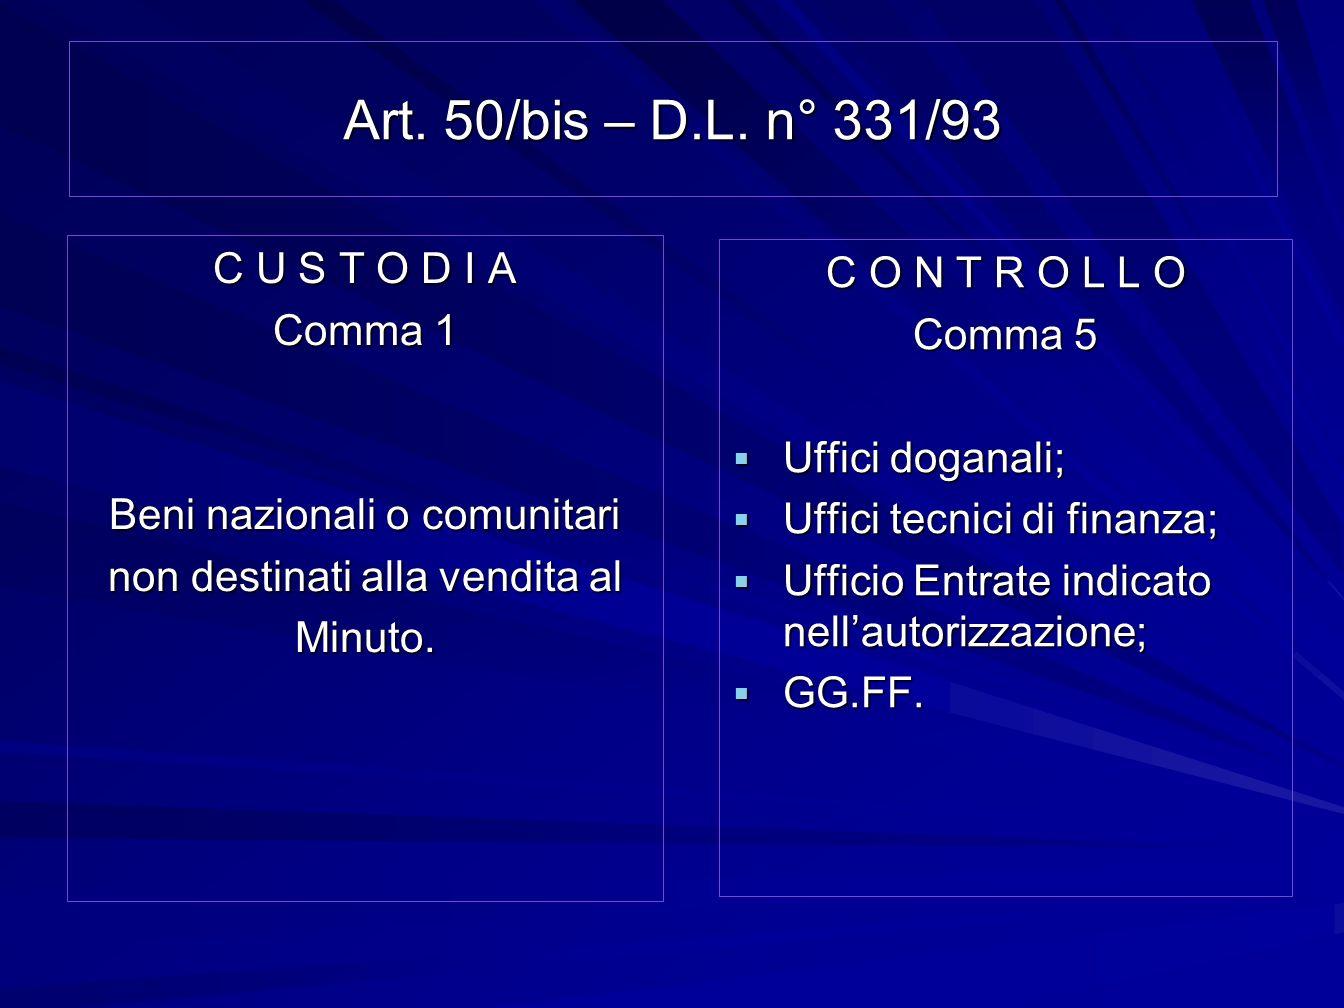 Art. 50/bis – D.L. n° 331/93 C U S T O D I A Comma 1 Beni nazionali o comunitari non destinati alla vendita al Minuto. C O N T R O L L O Comma 5 Uffic